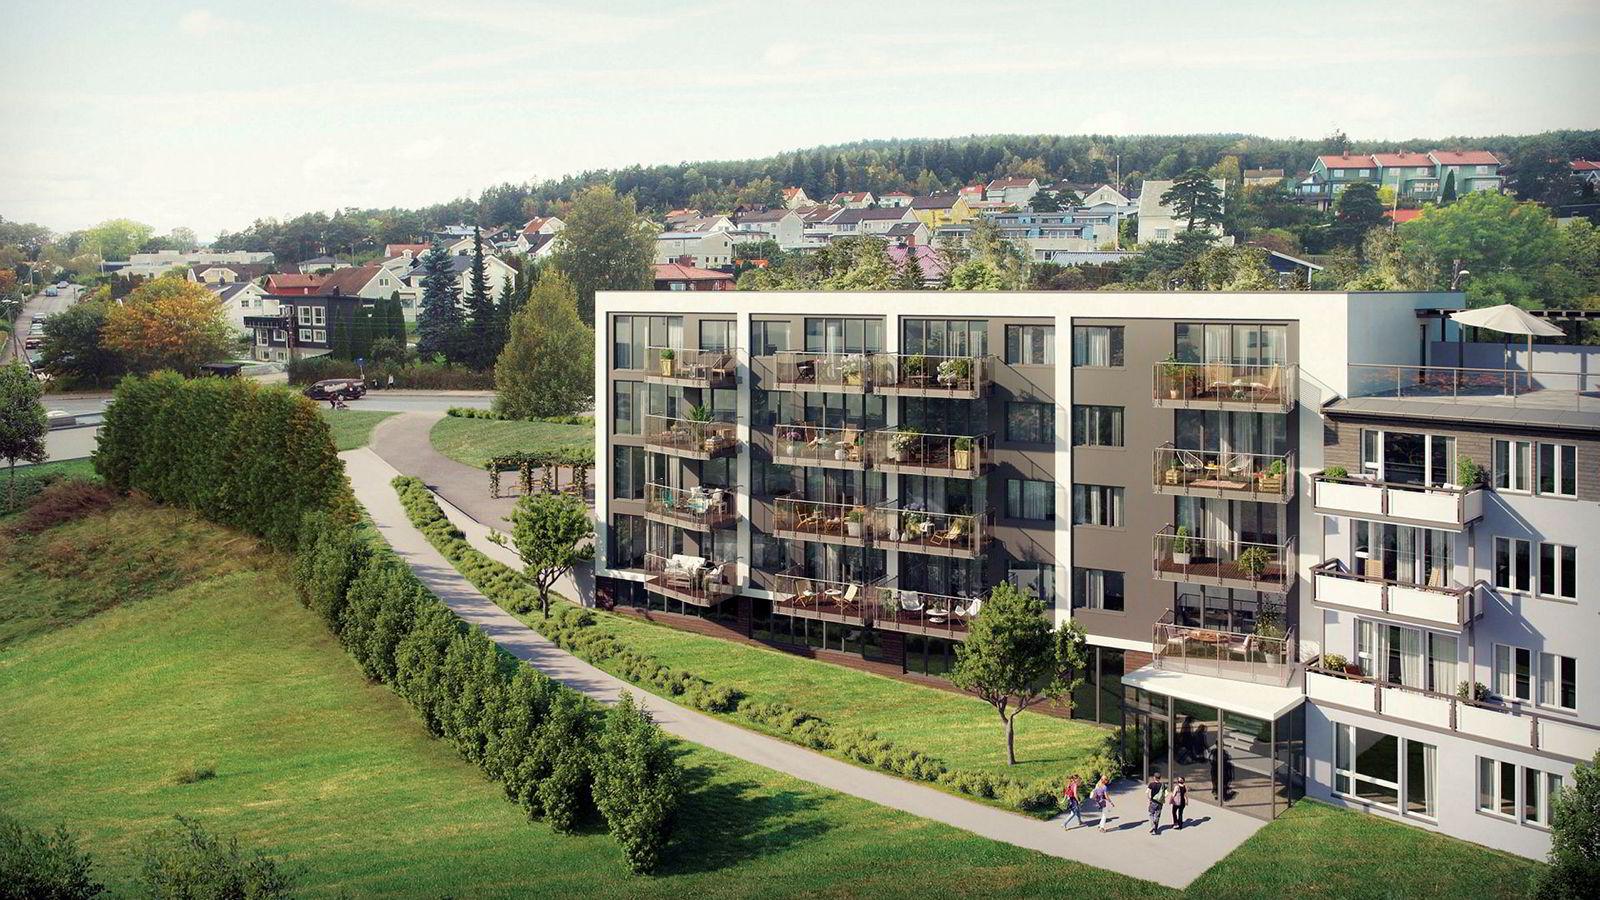 DNB Eiendom Nybygg har solgt 10 av 12 av boligene i dette boligprosjektet på Årvoll senter i Oslo lagt ut i januar.